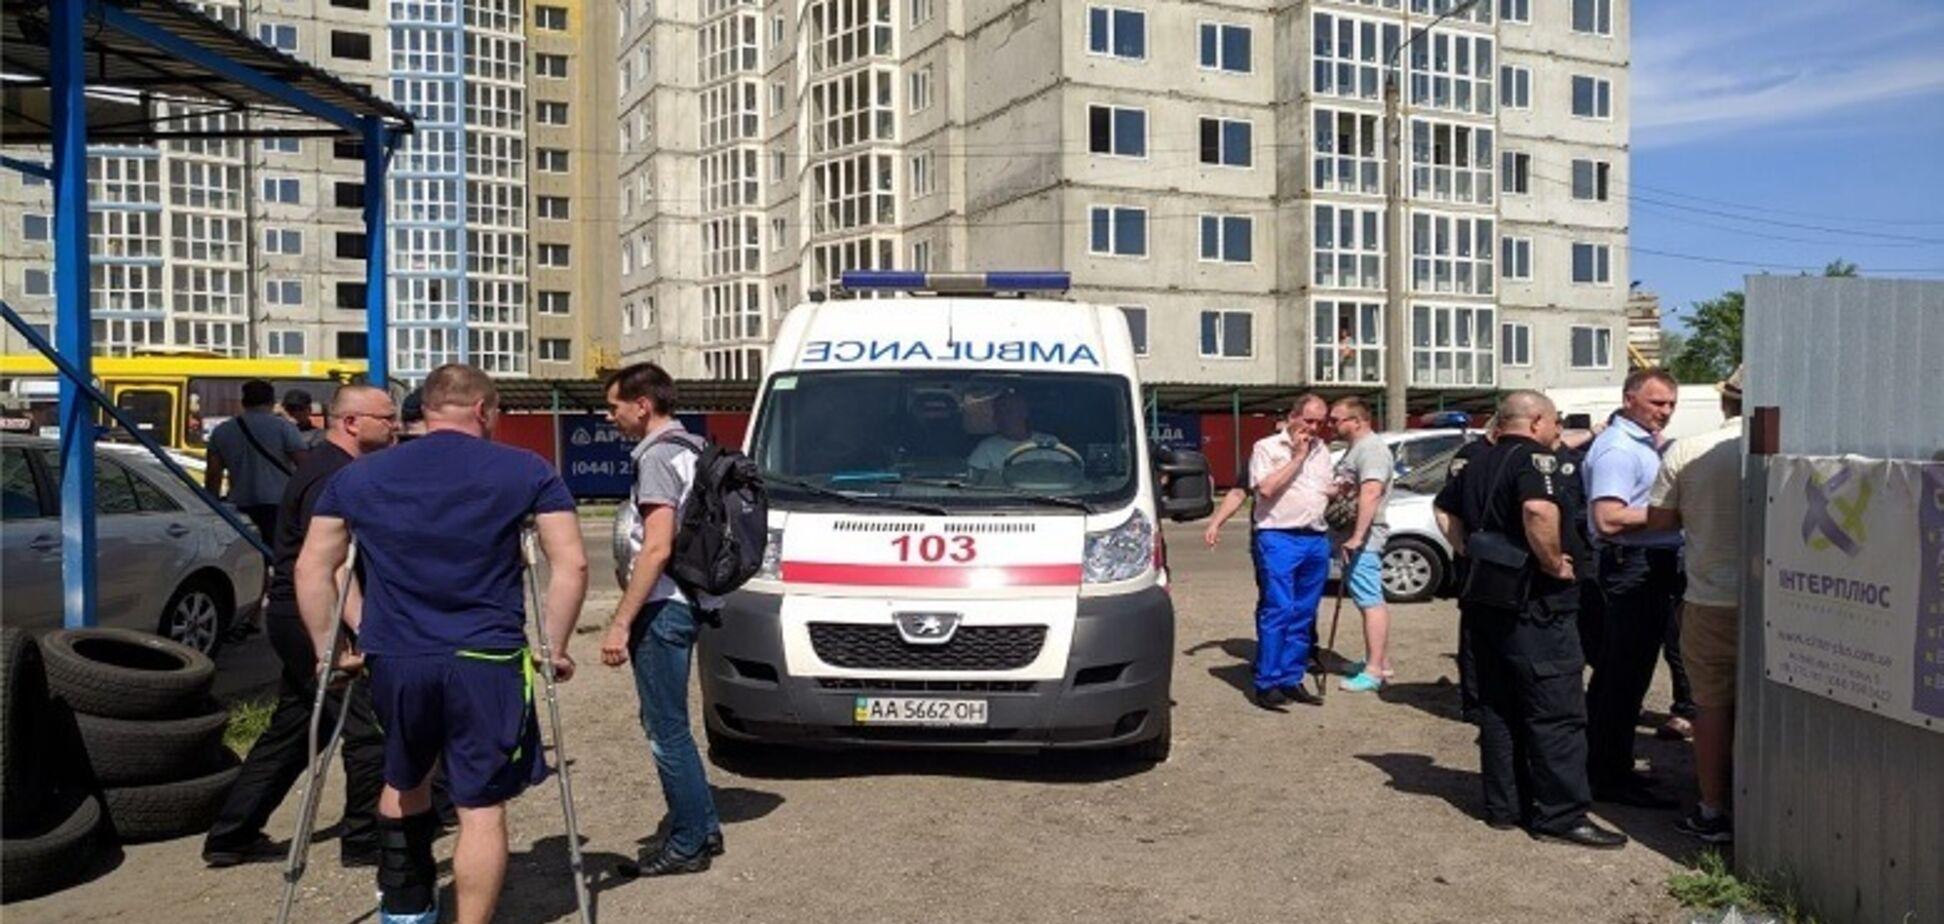 Стрілянина на парковці в Києві: адвокат звинуватив 'неадекватного' СБУшника